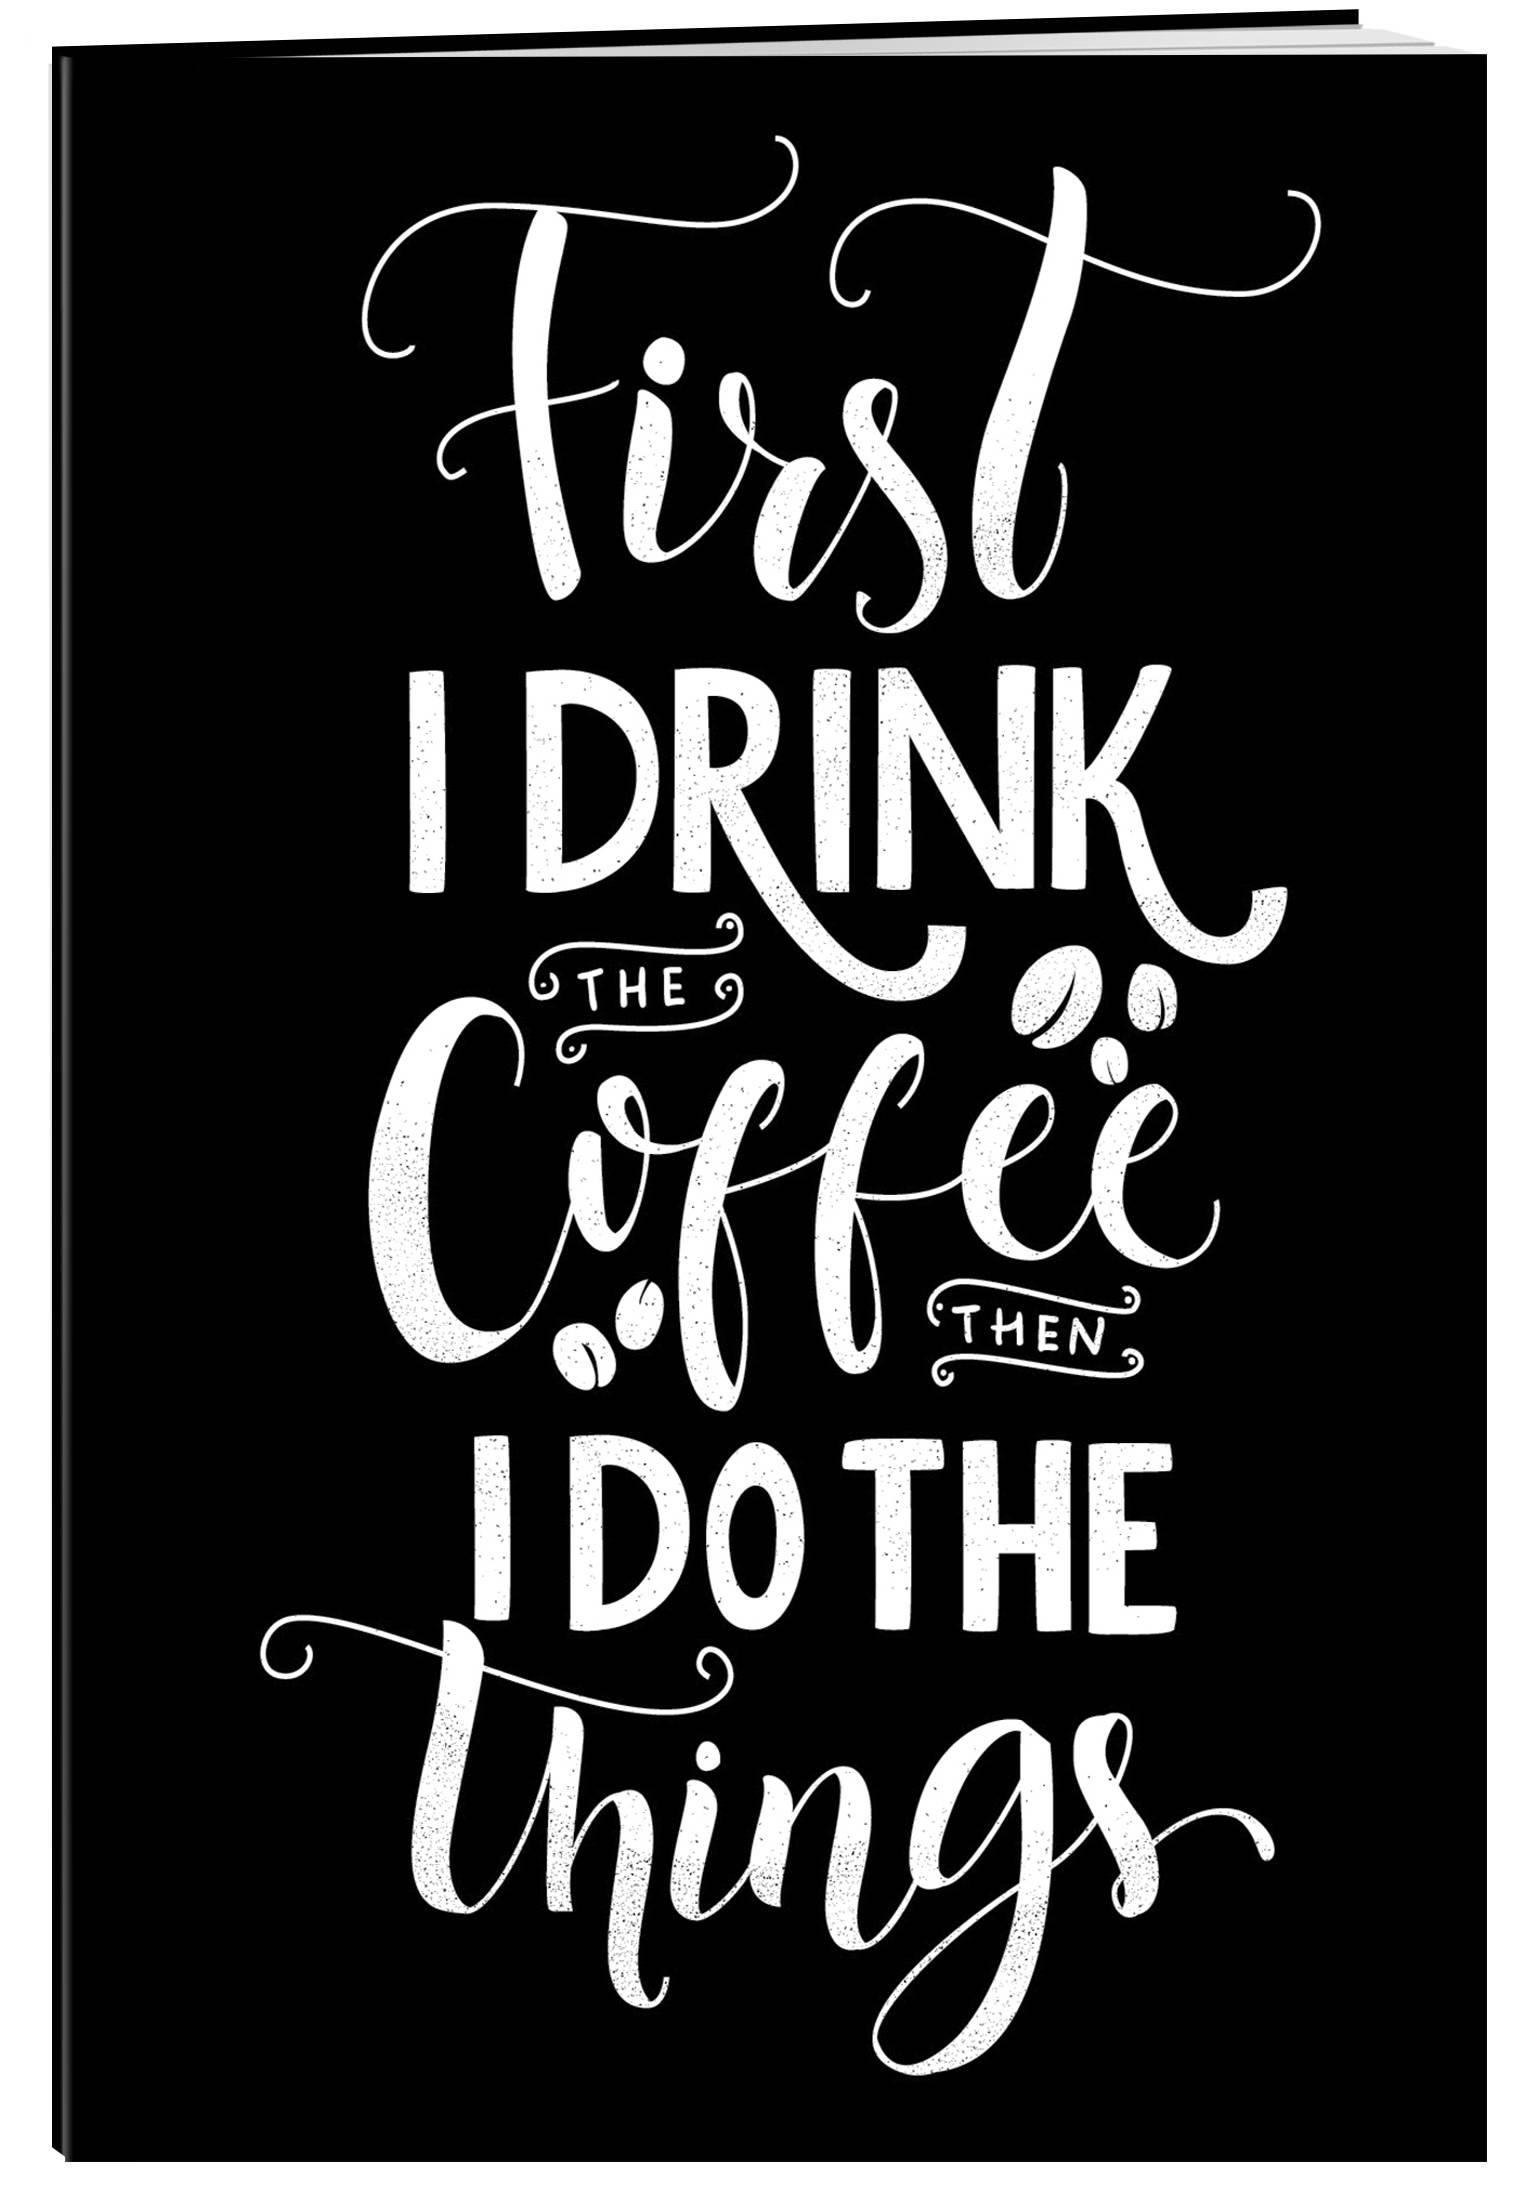 Фото - First I drink the coffee. Тетрадь (А5, 48 л., УФ-лак, накидки) тетрадь 96л а5 клетка академия групп серия классика лакированная обложка 7877 3 eac